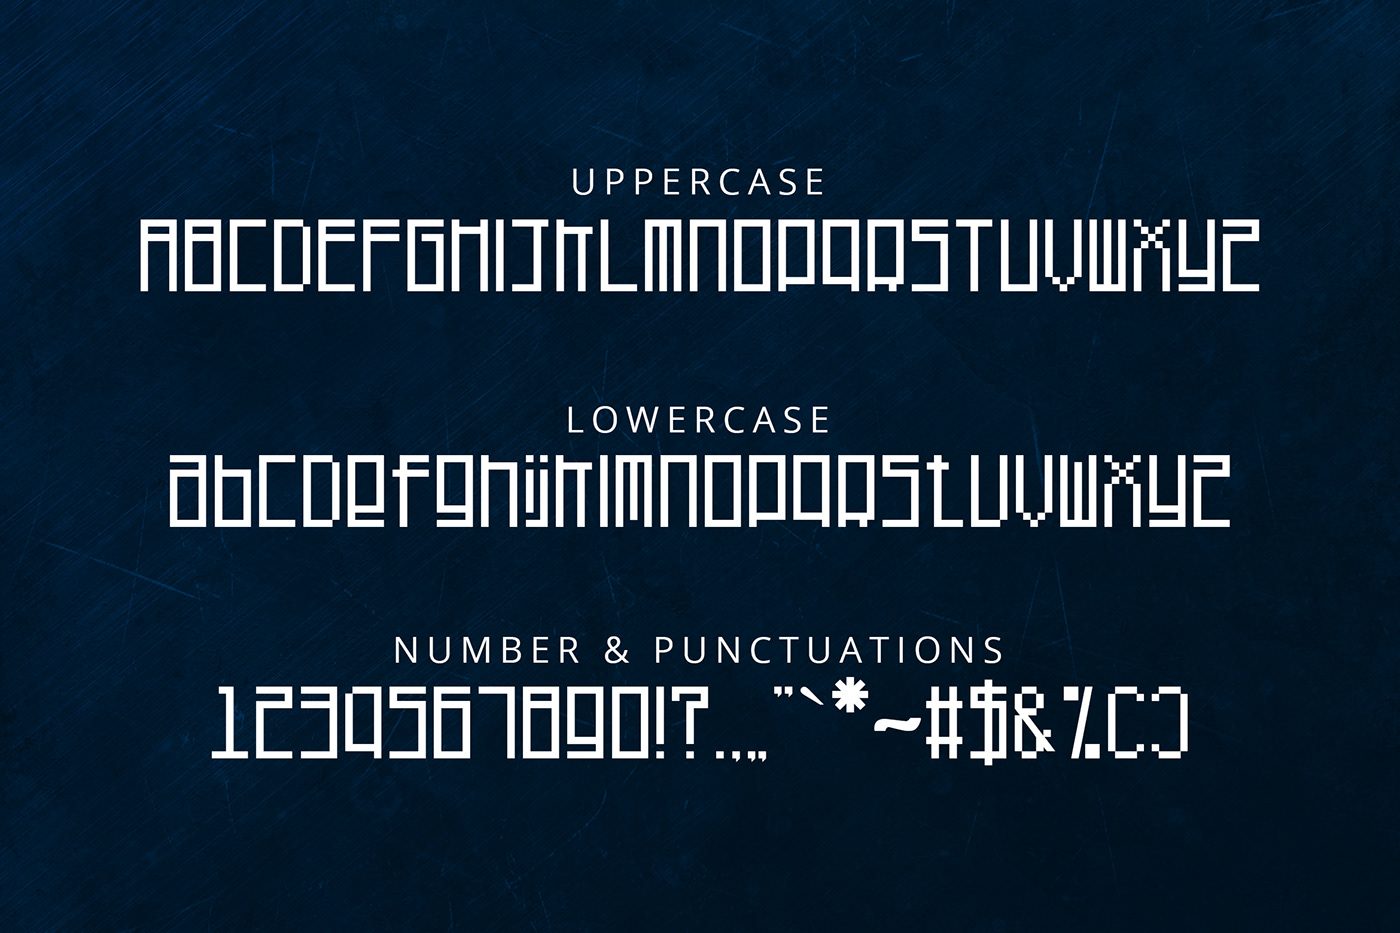 Image may contain: screenshot and font